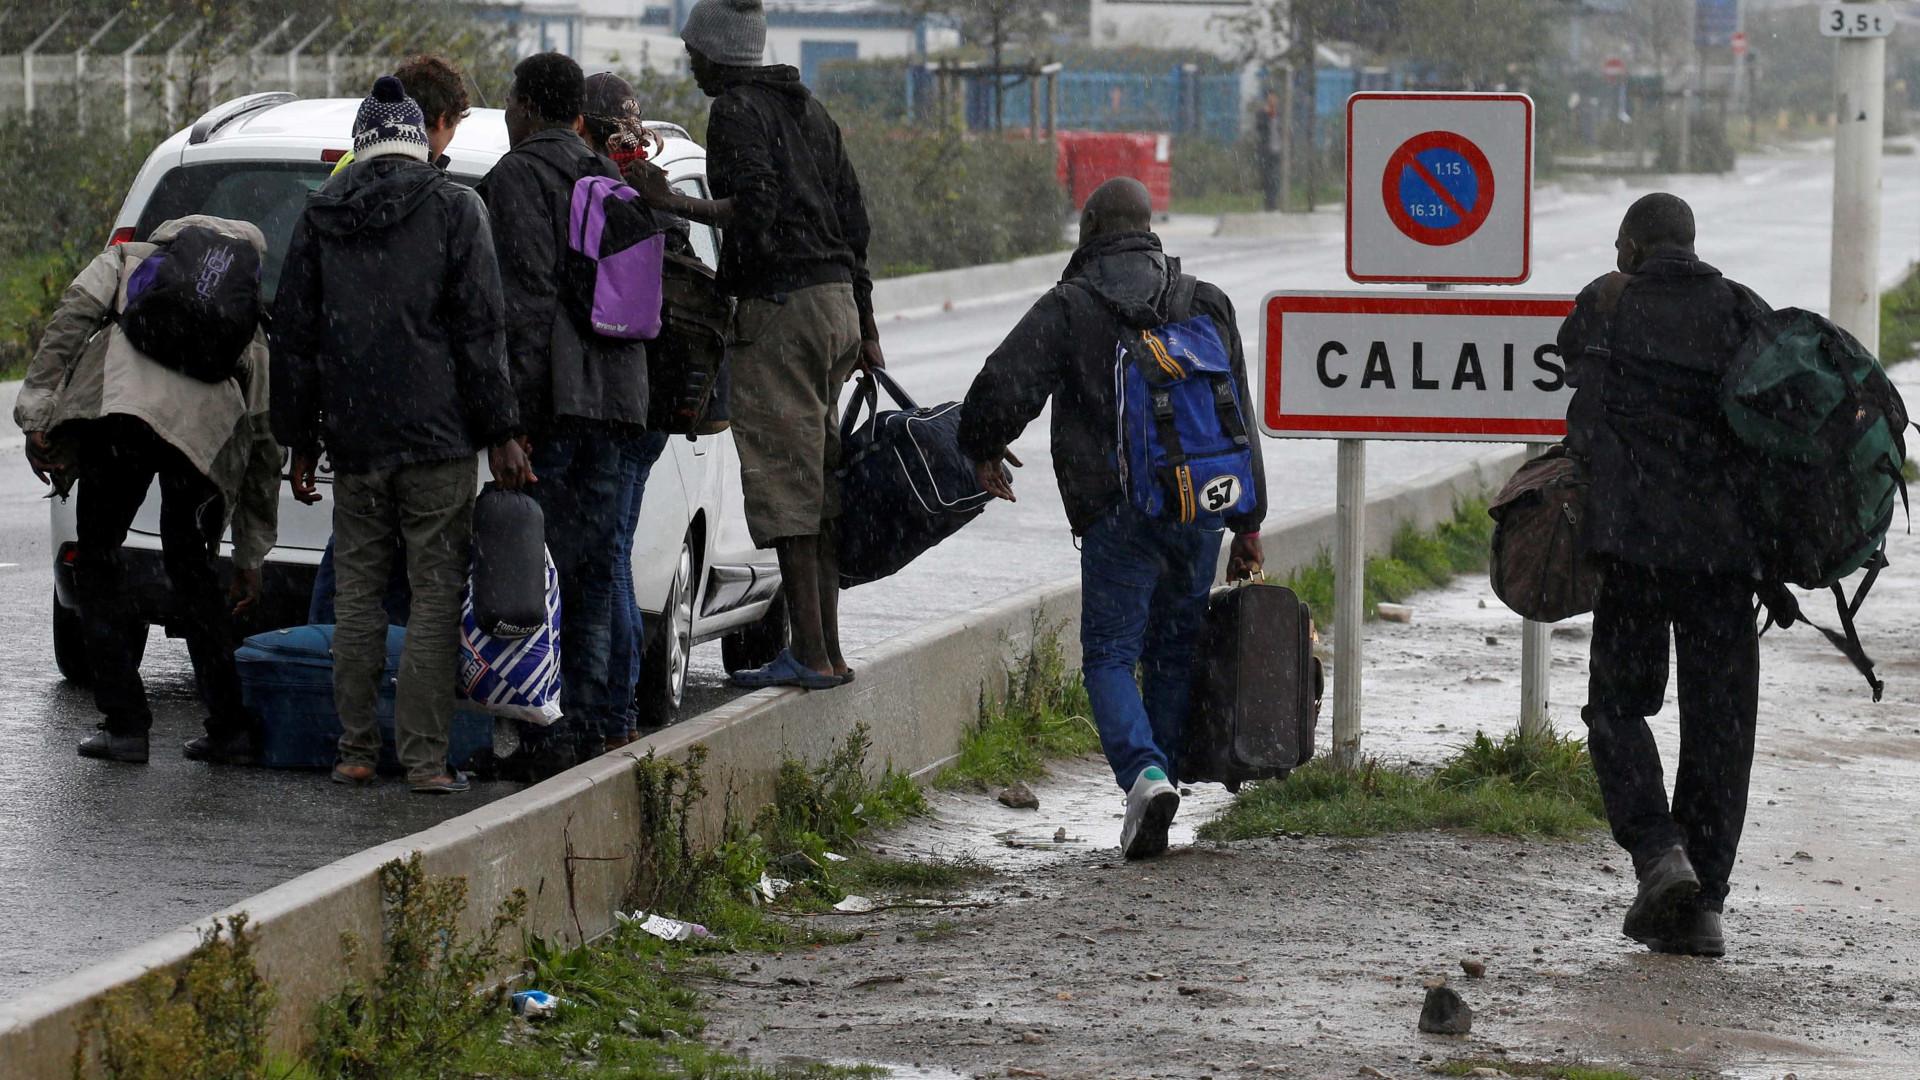 Justiça autoriza desmantelamento do campo de migrantes em Calais